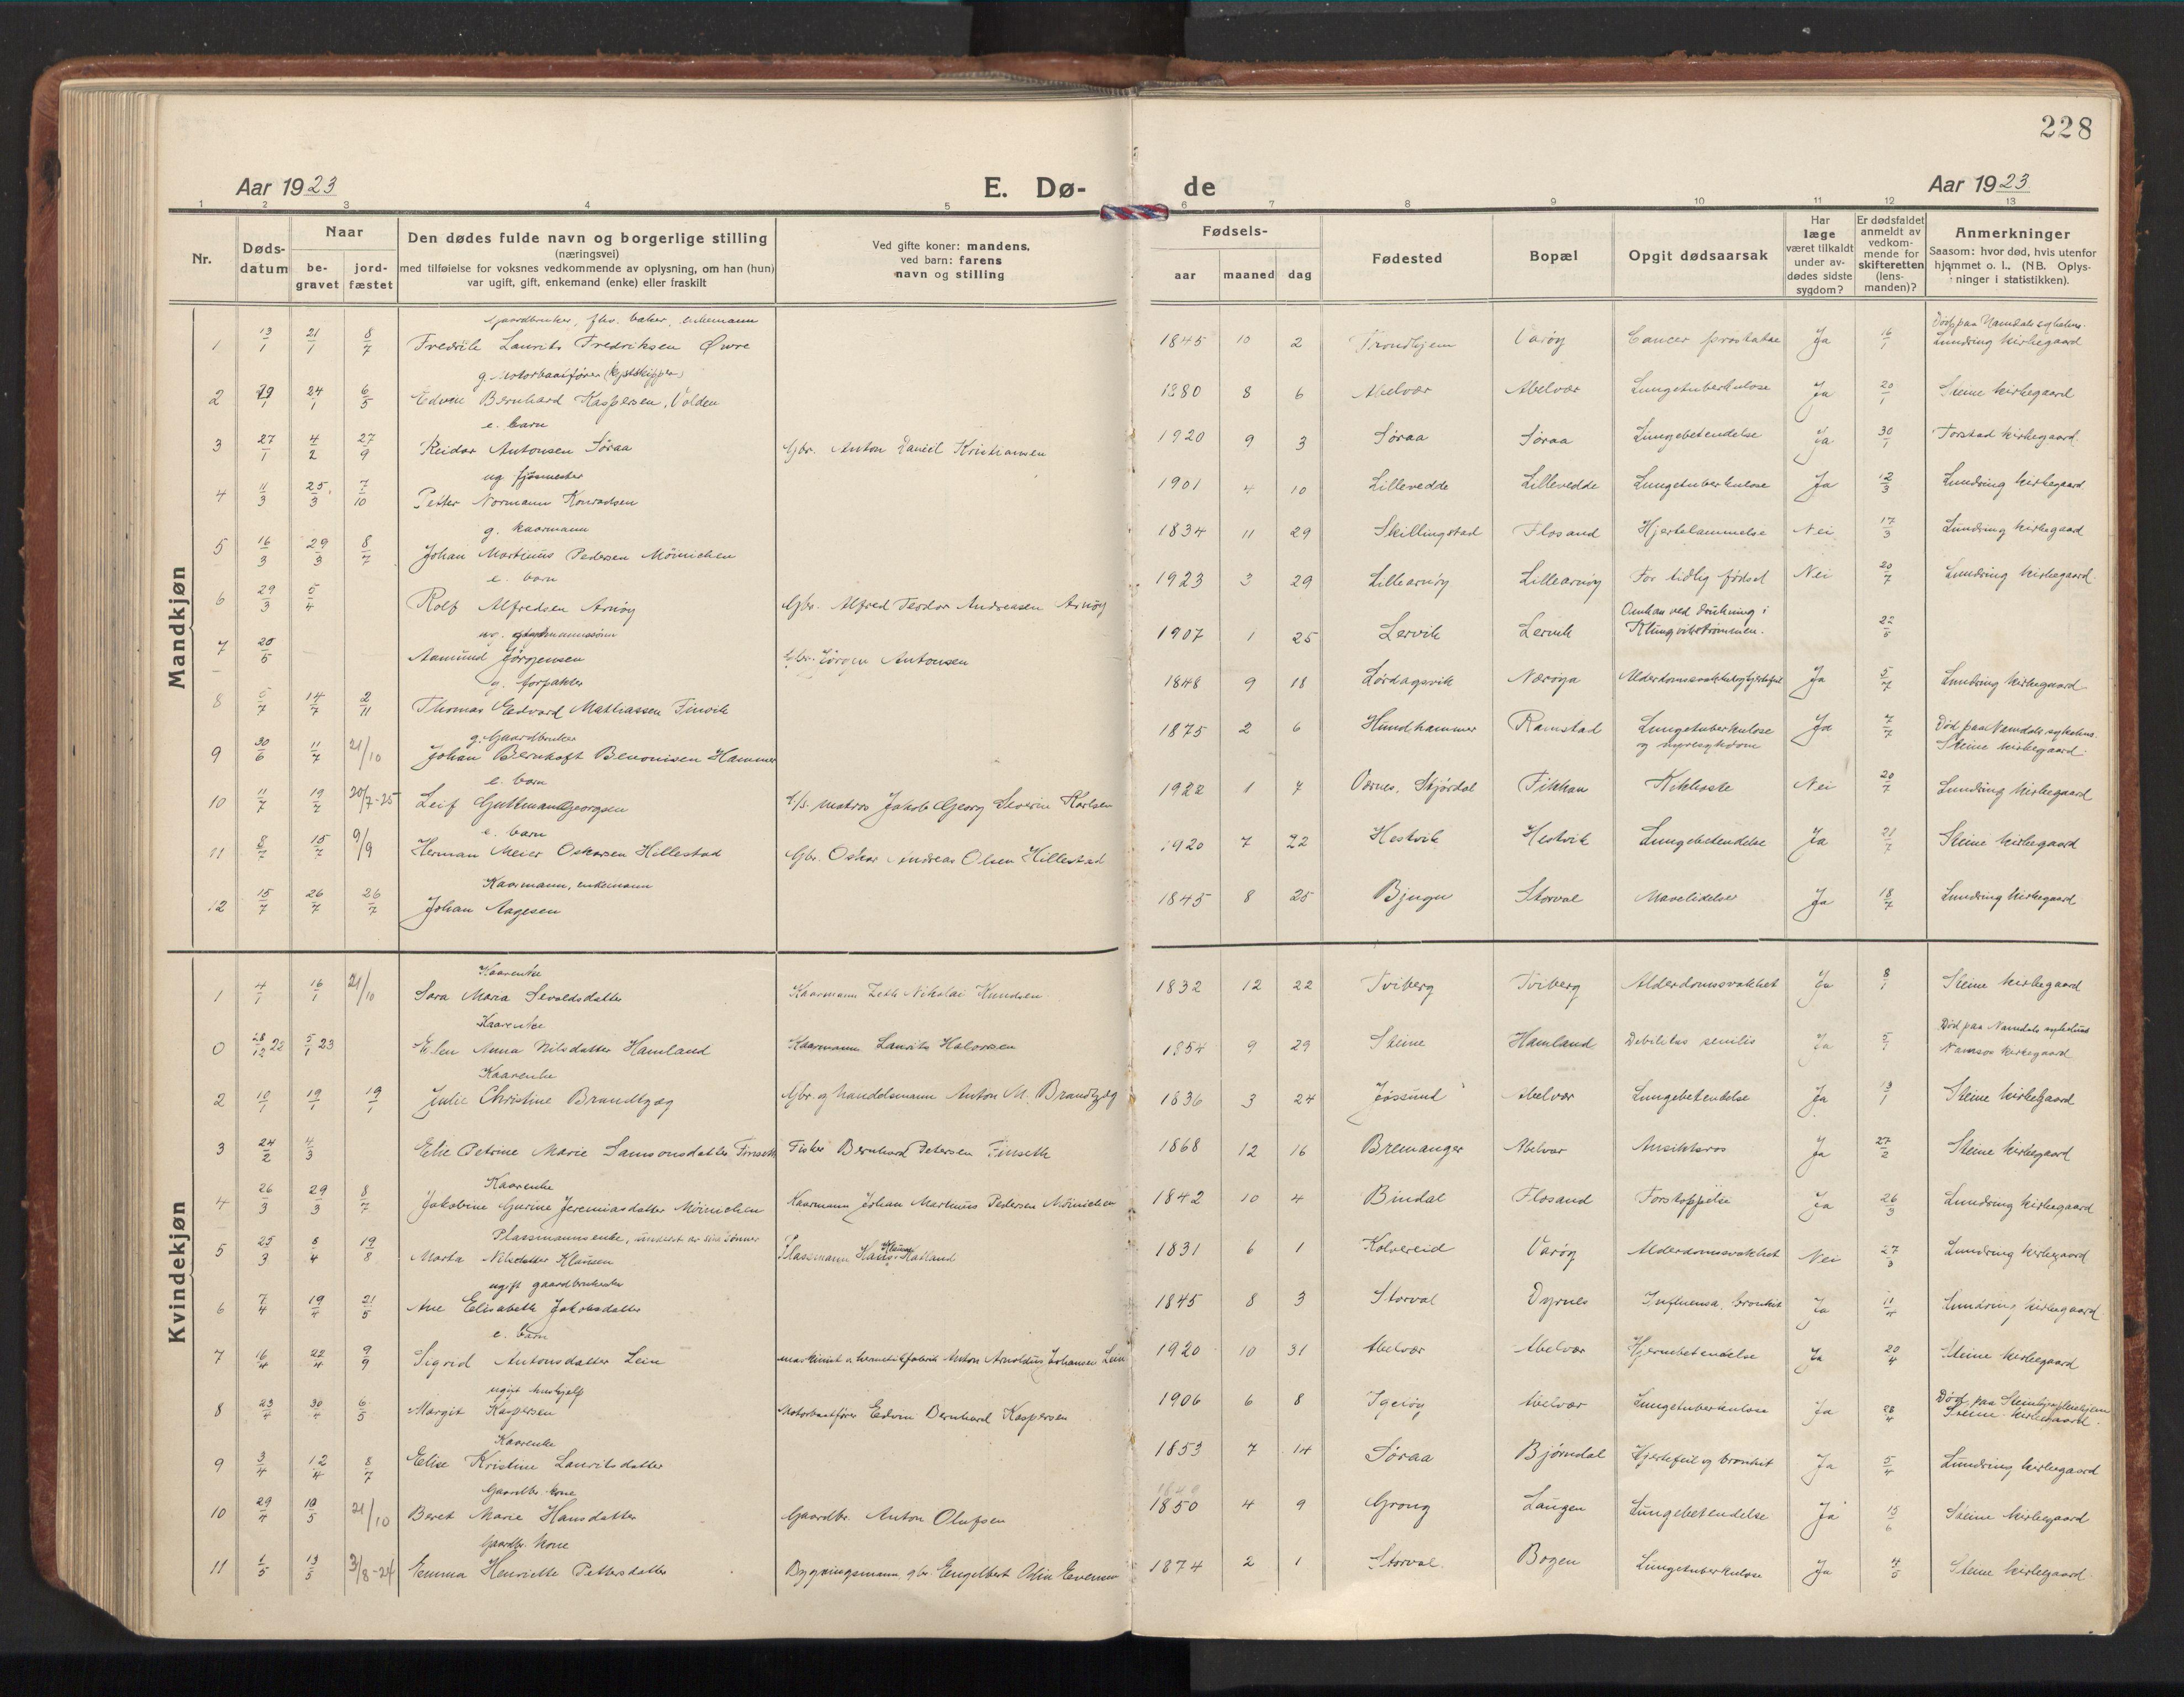 SAT, Ministerialprotokoller, klokkerbøker og fødselsregistre - Nord-Trøndelag, 784/L0678: Ministerialbok nr. 784A13, 1921-1938, s. 228